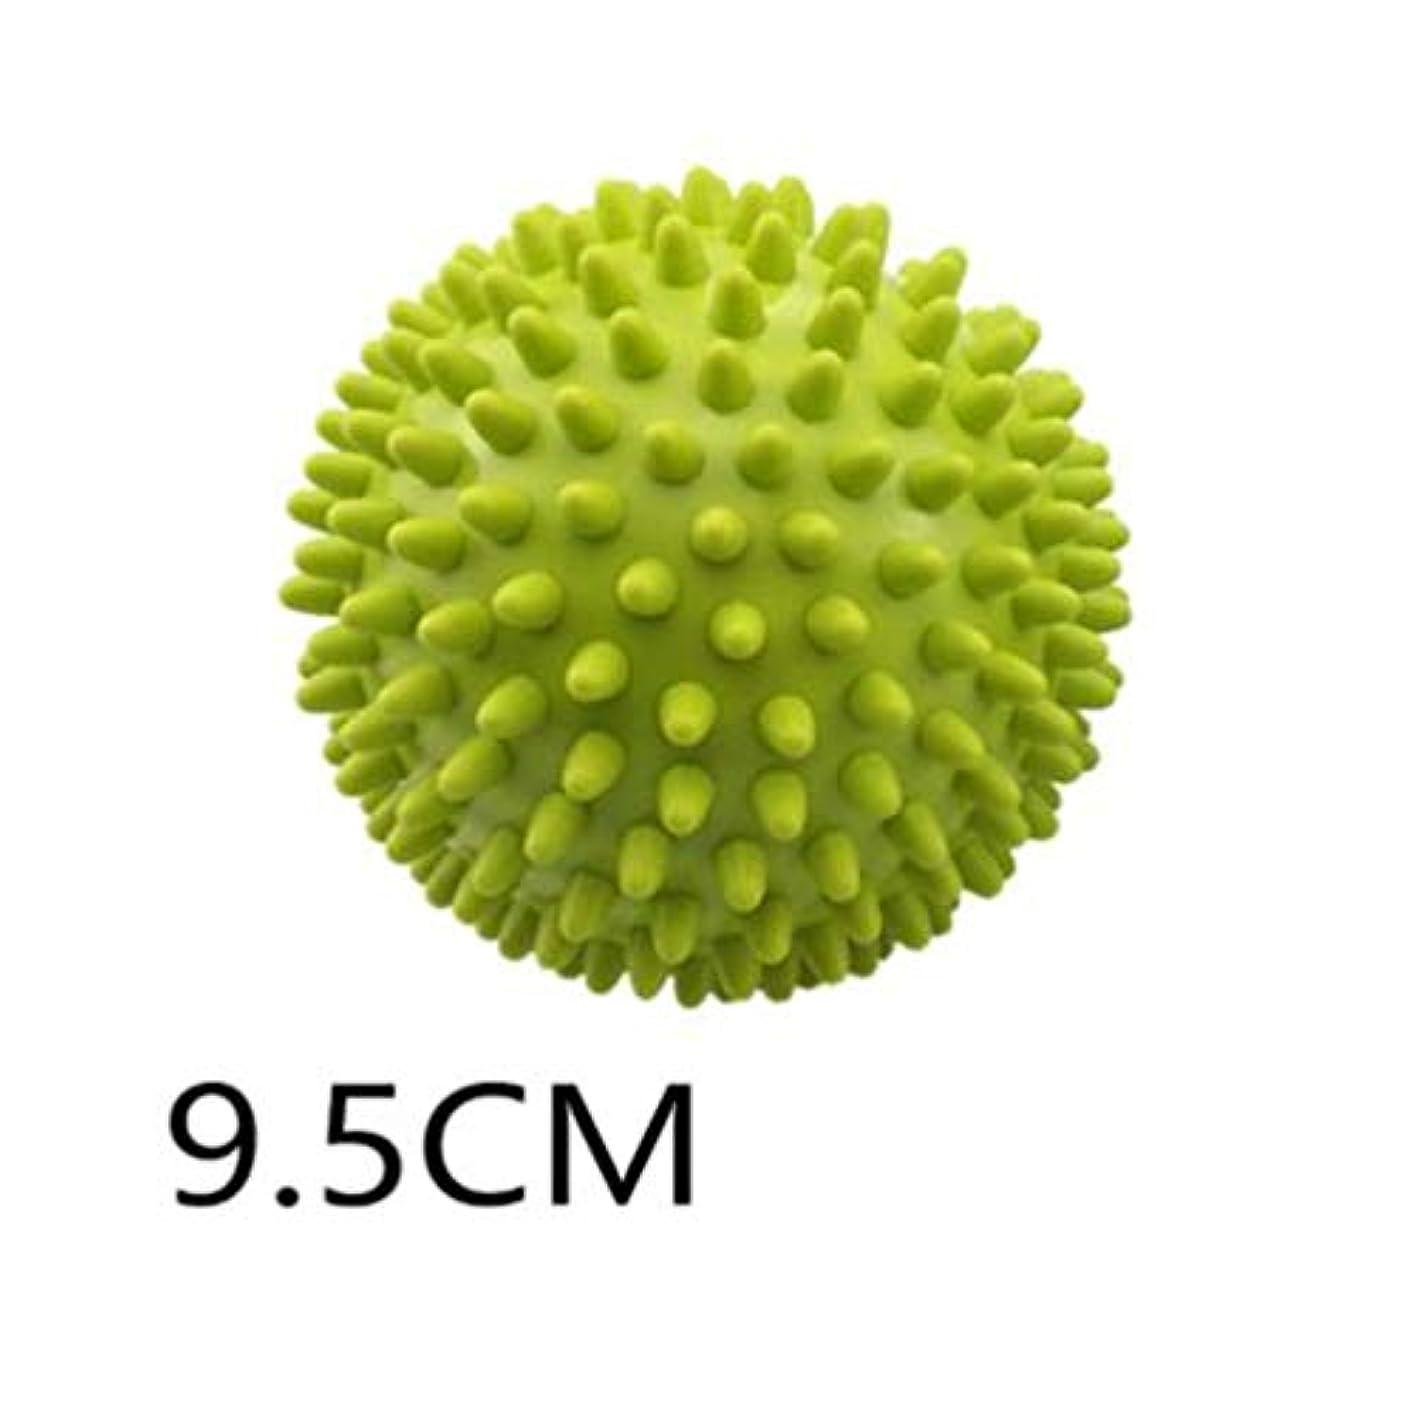 プラグシーズン異議とげのボール - グリーン